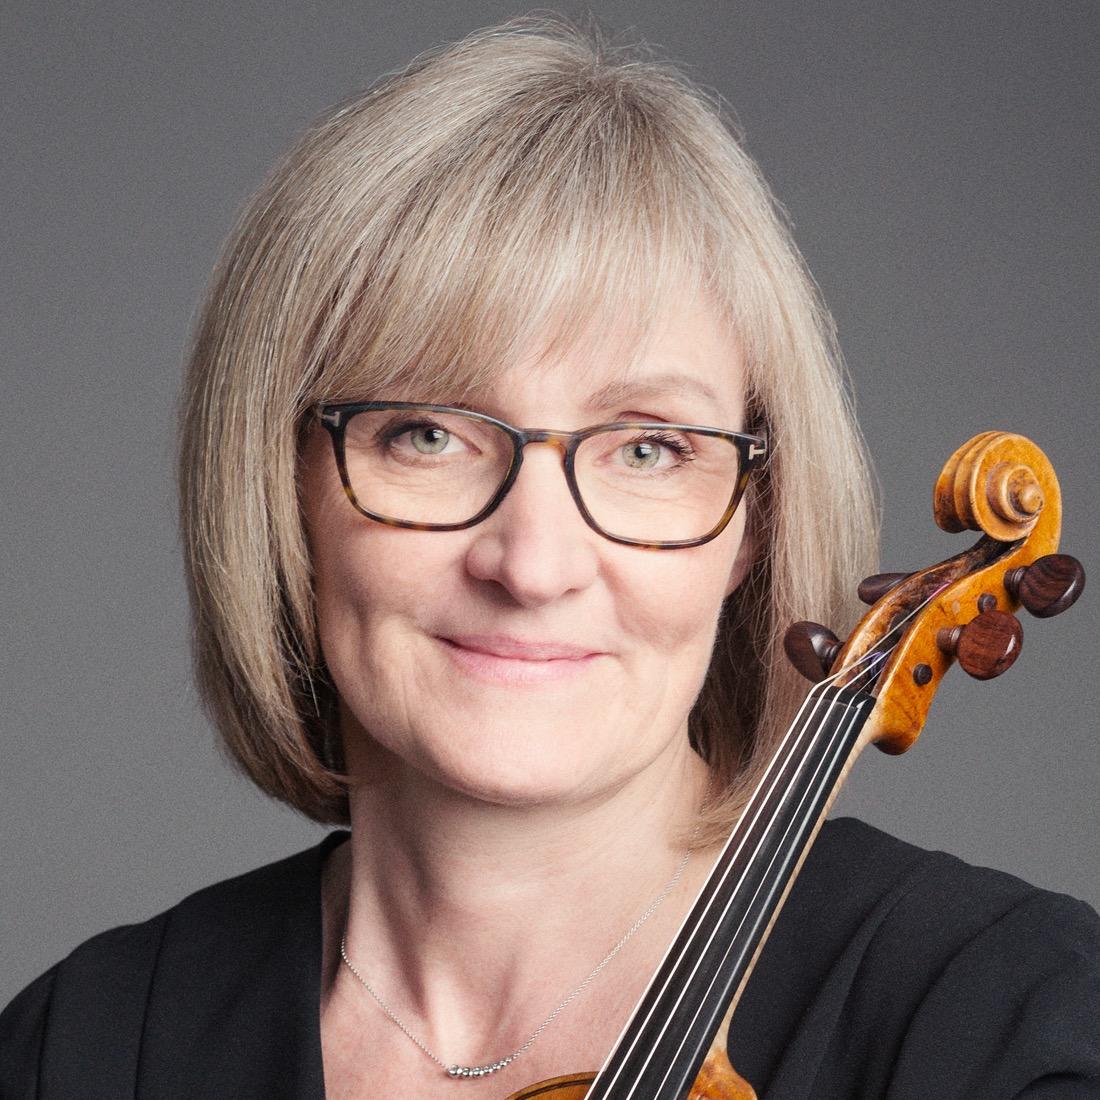 Karen Humle